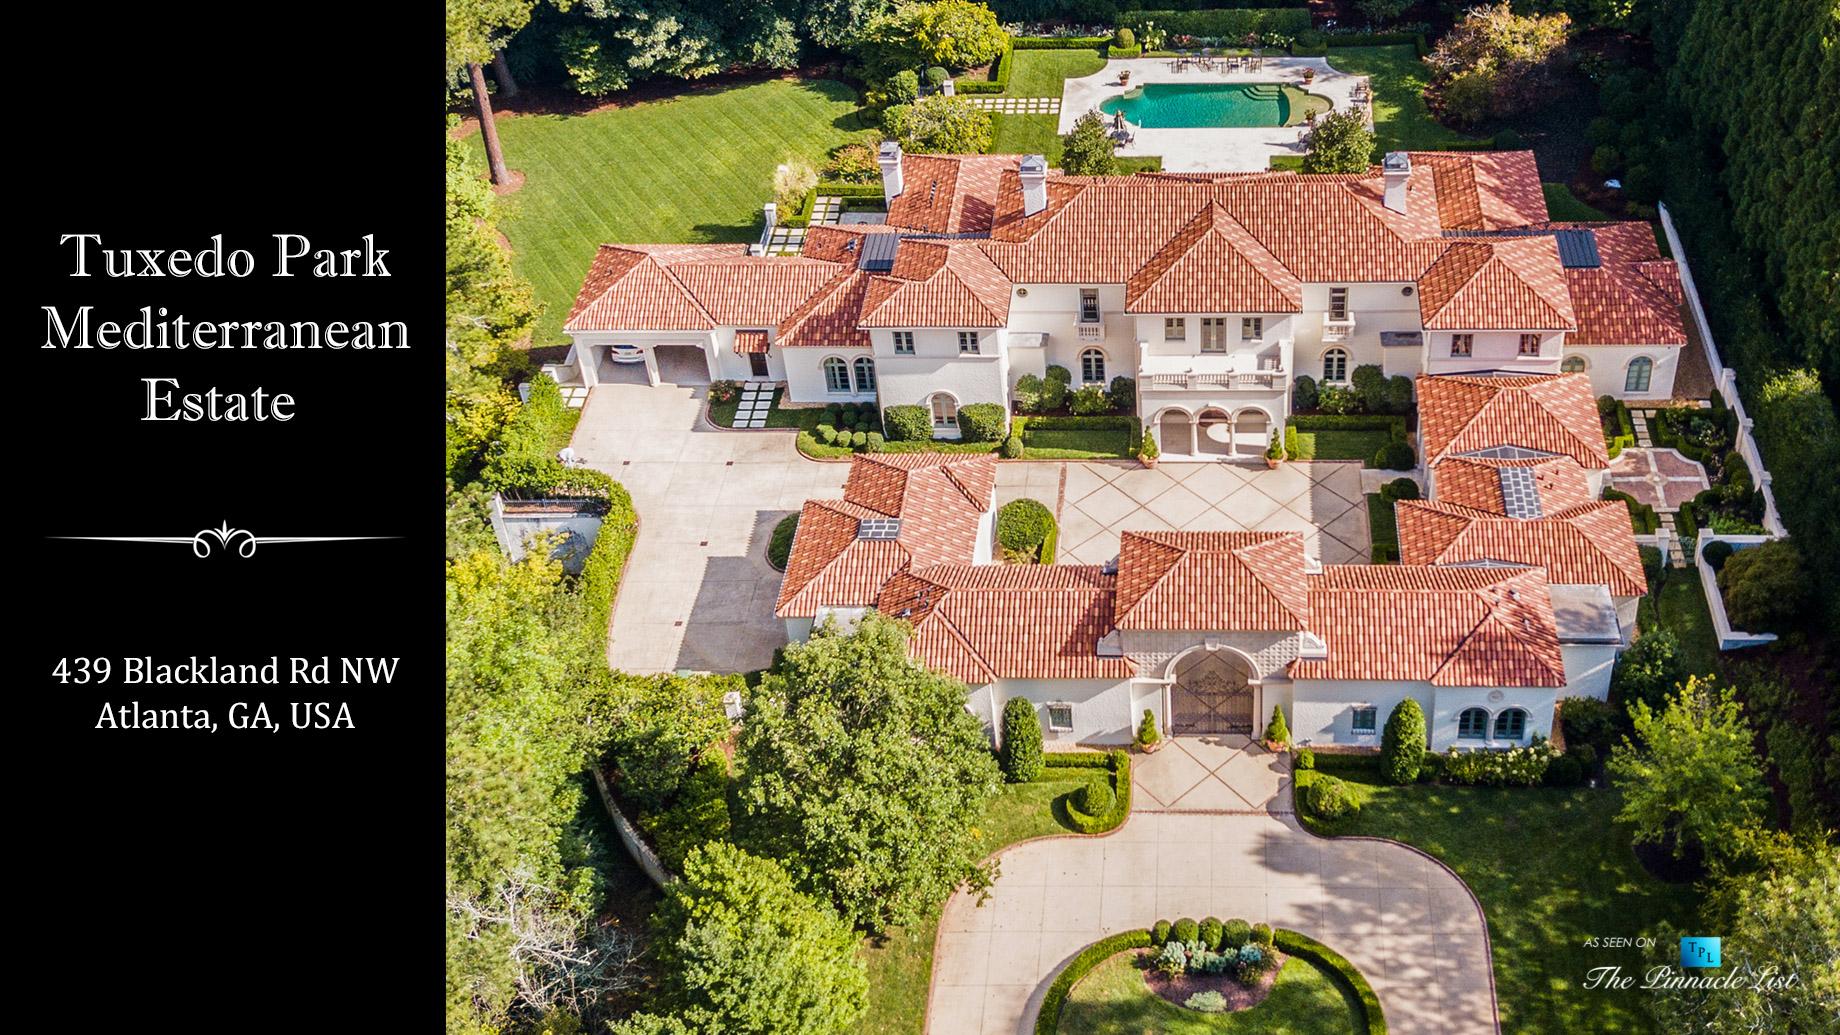 Tuxedo Park Mediterranean Estate – 439 Blackland Rd NW, Atlanta, GA, USA